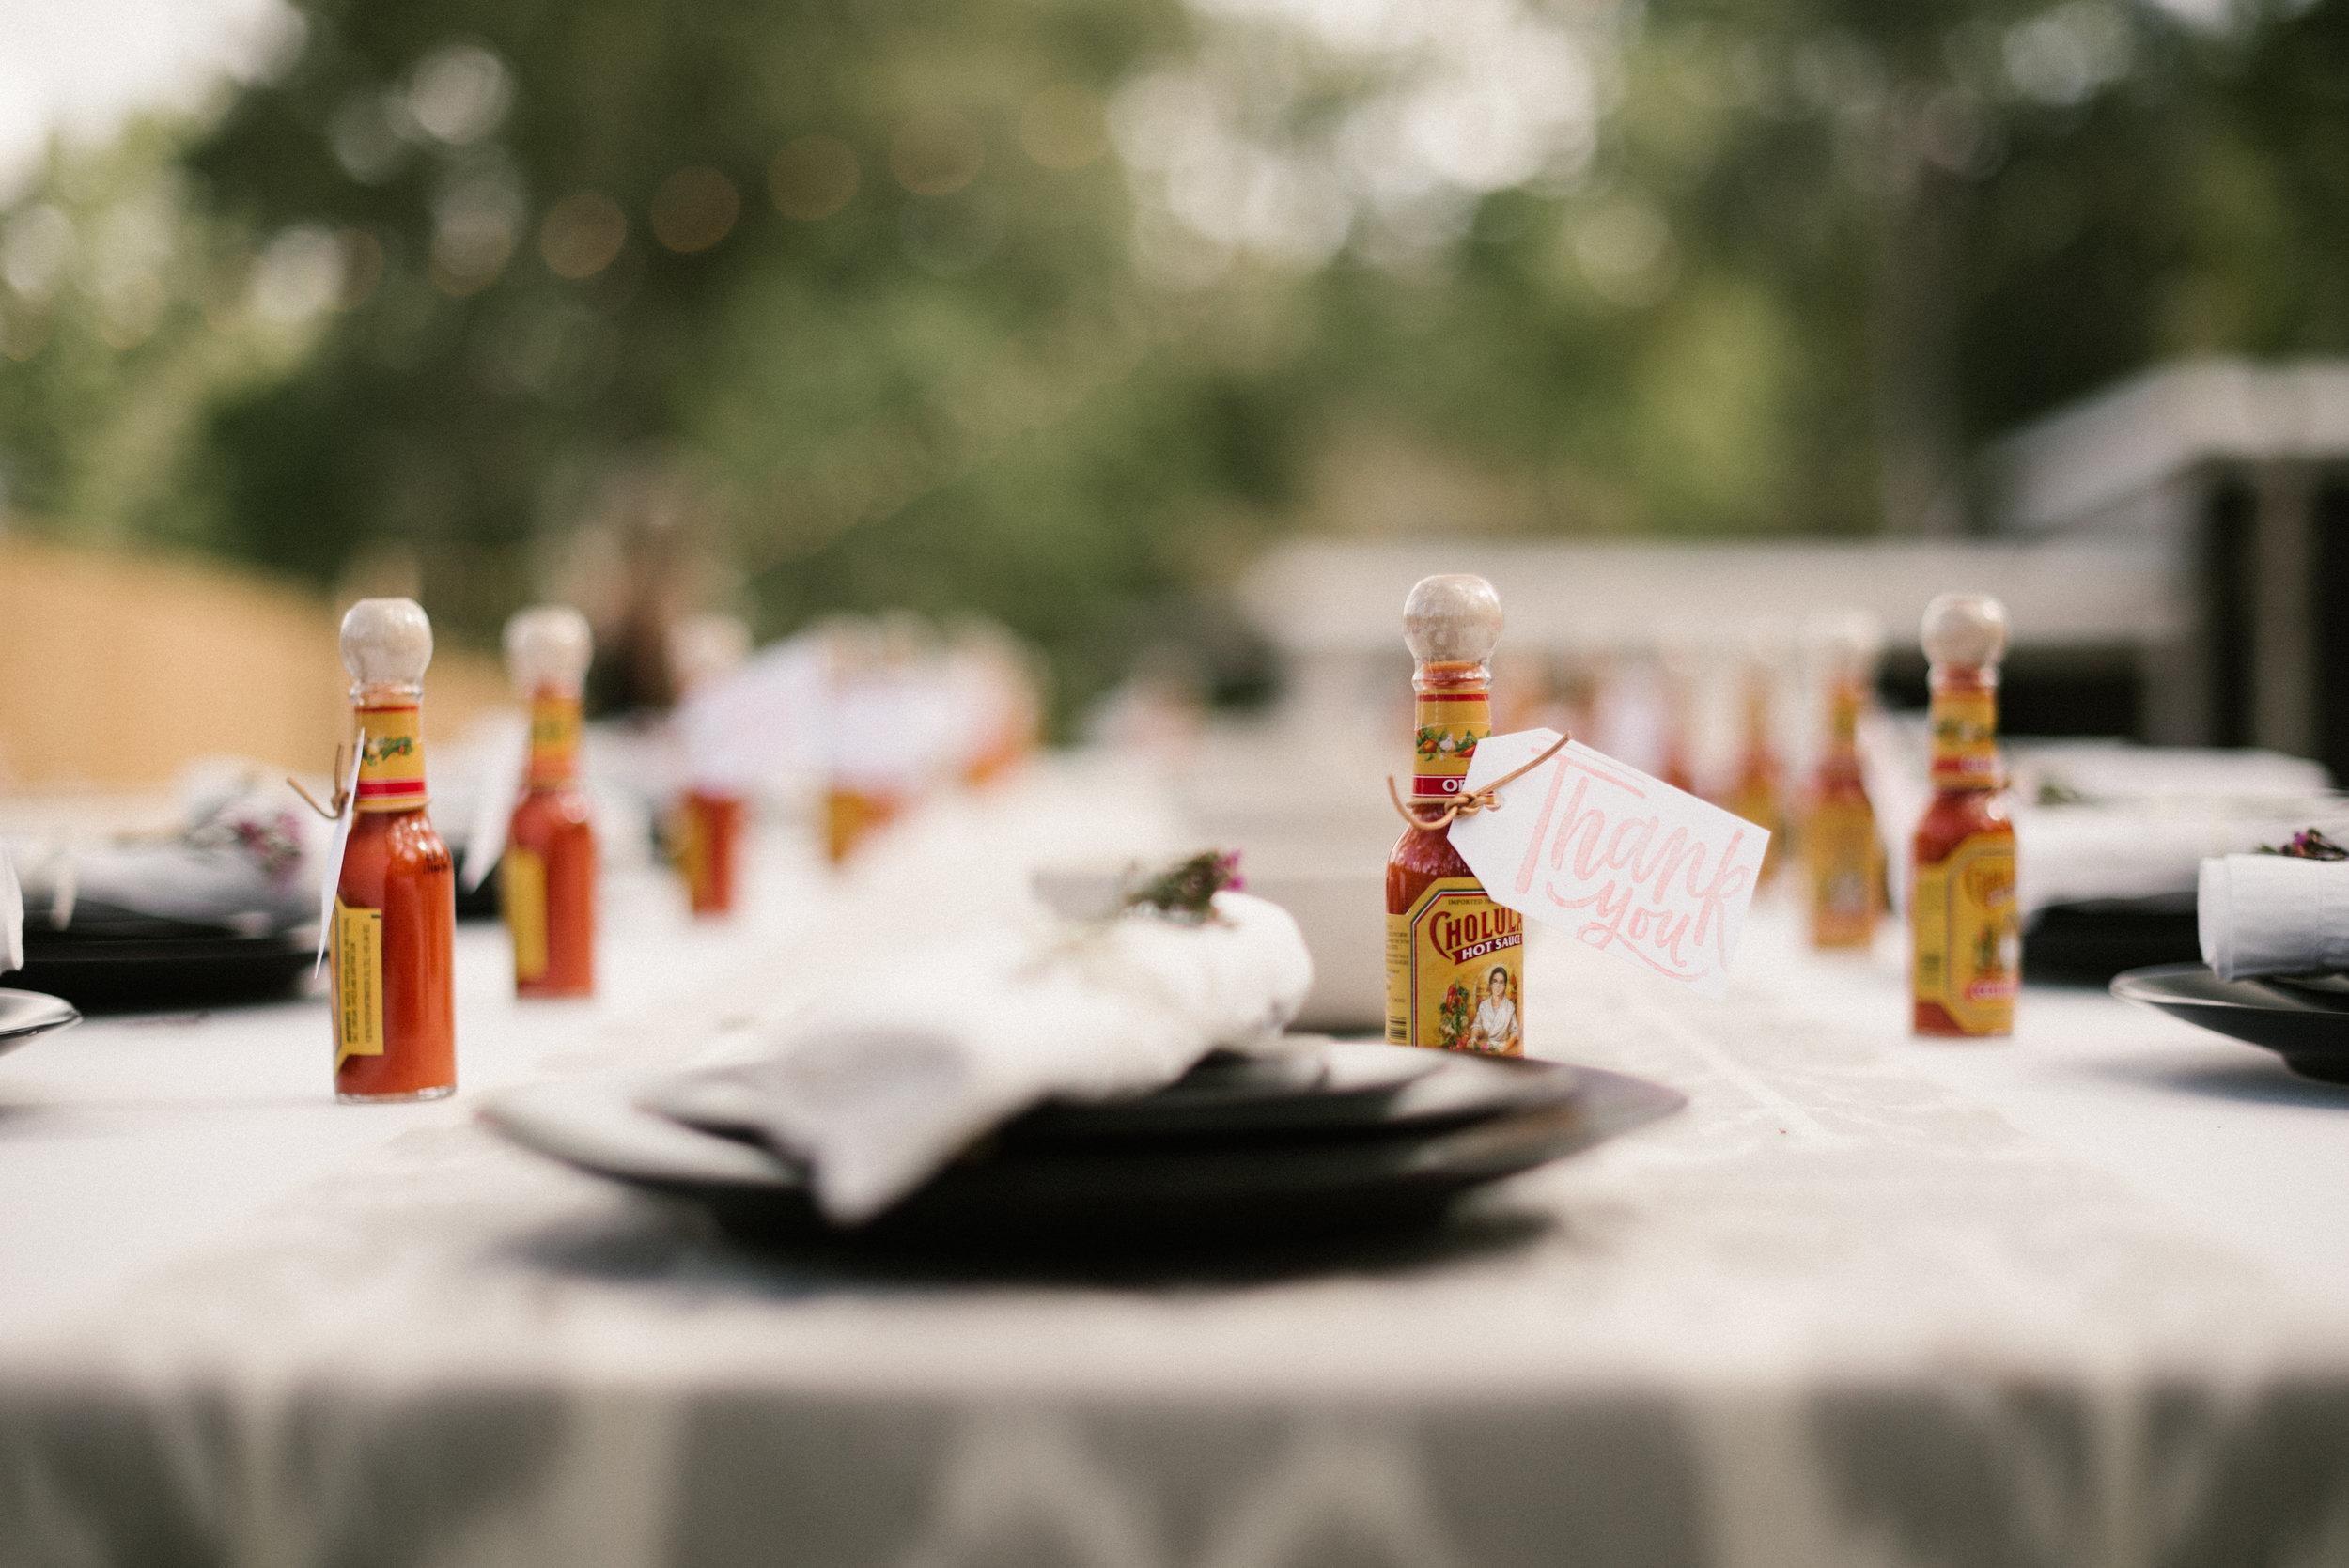 michelle-ronnie-backyard-wedding-90.jpg